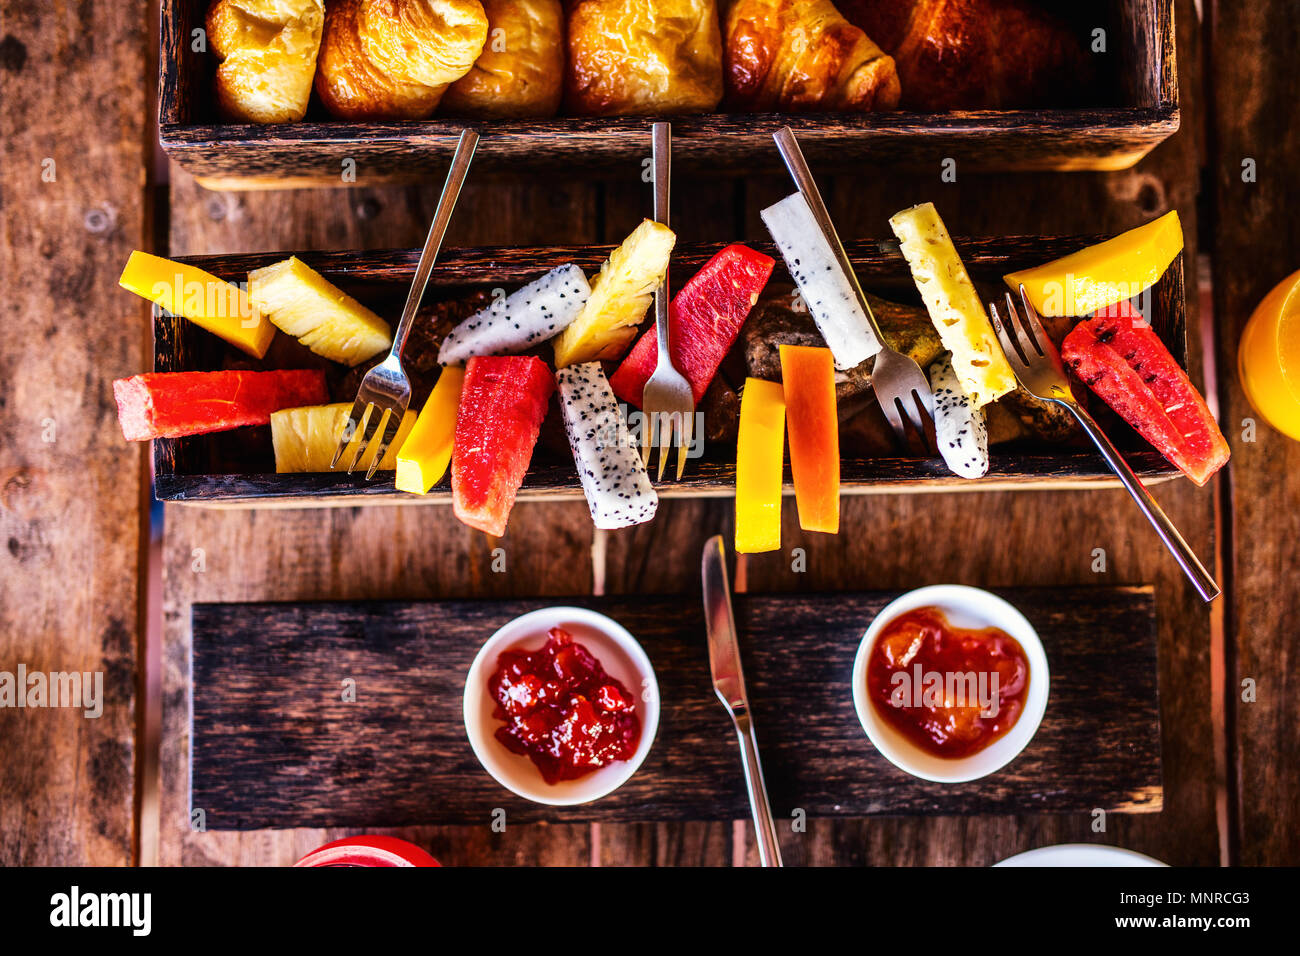 Vue de dessus de délicieux aliments biologiques servis pour le petit-déjeuner sur la table en bois rustique. Fruits, jus, croissants et confiture télévision lay. Photo Stock